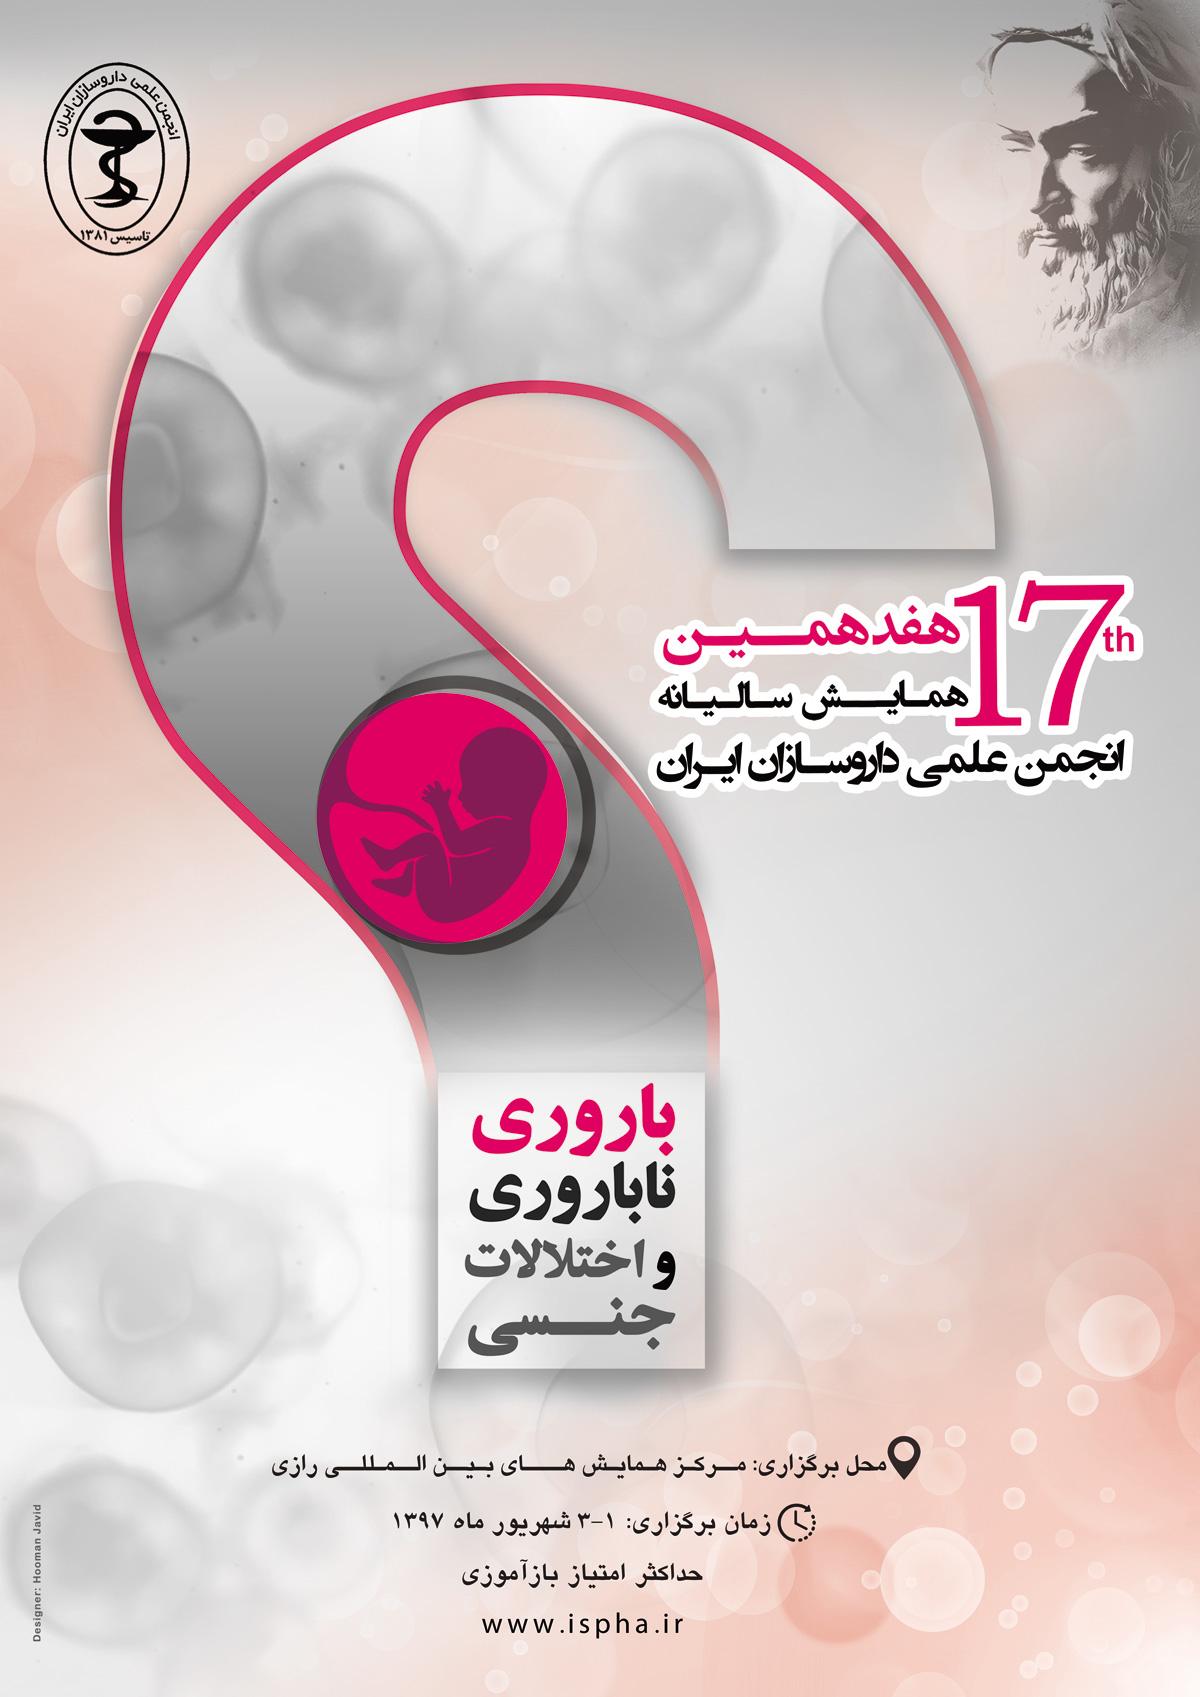 هفدهمین همایش سالیانه انجمن علمی داروسازان ایران - باروری ناباروری و اختلالات جنسی